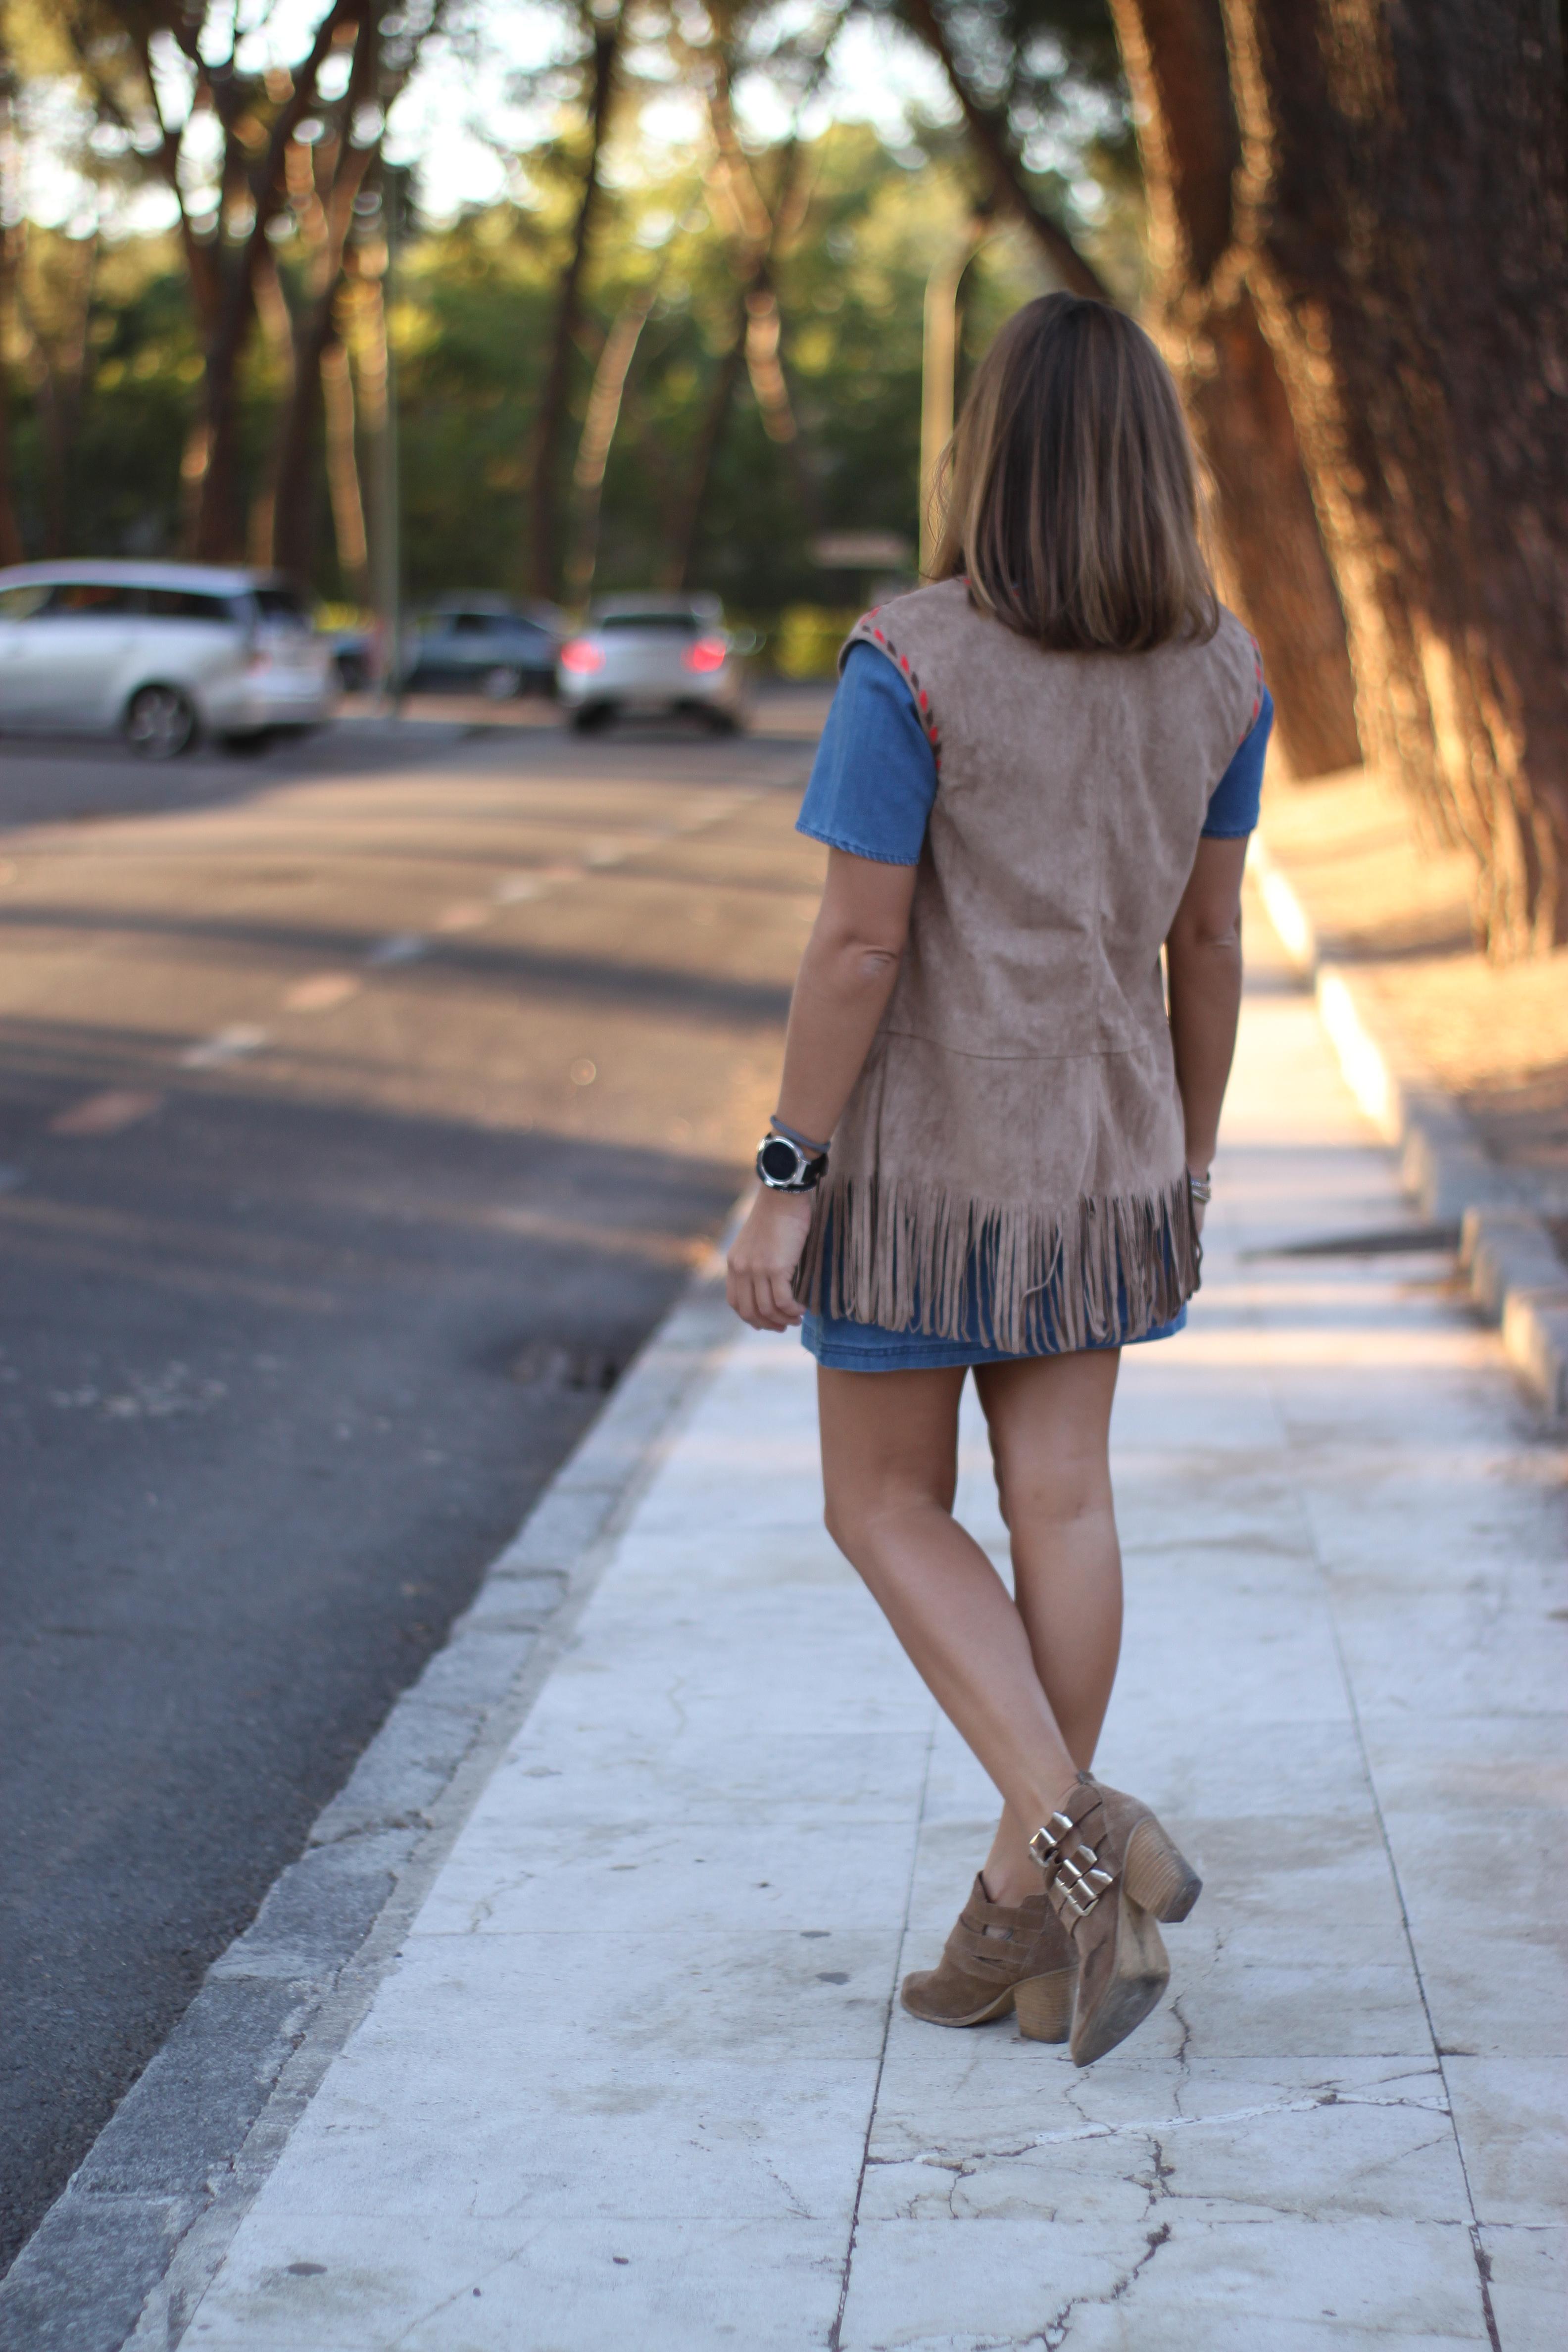 b23c238dfe ... la reina del low cost vestido vaquero mulaya chaleco flecos etnico  otoño 2015 elvestidordelamoda tienda online